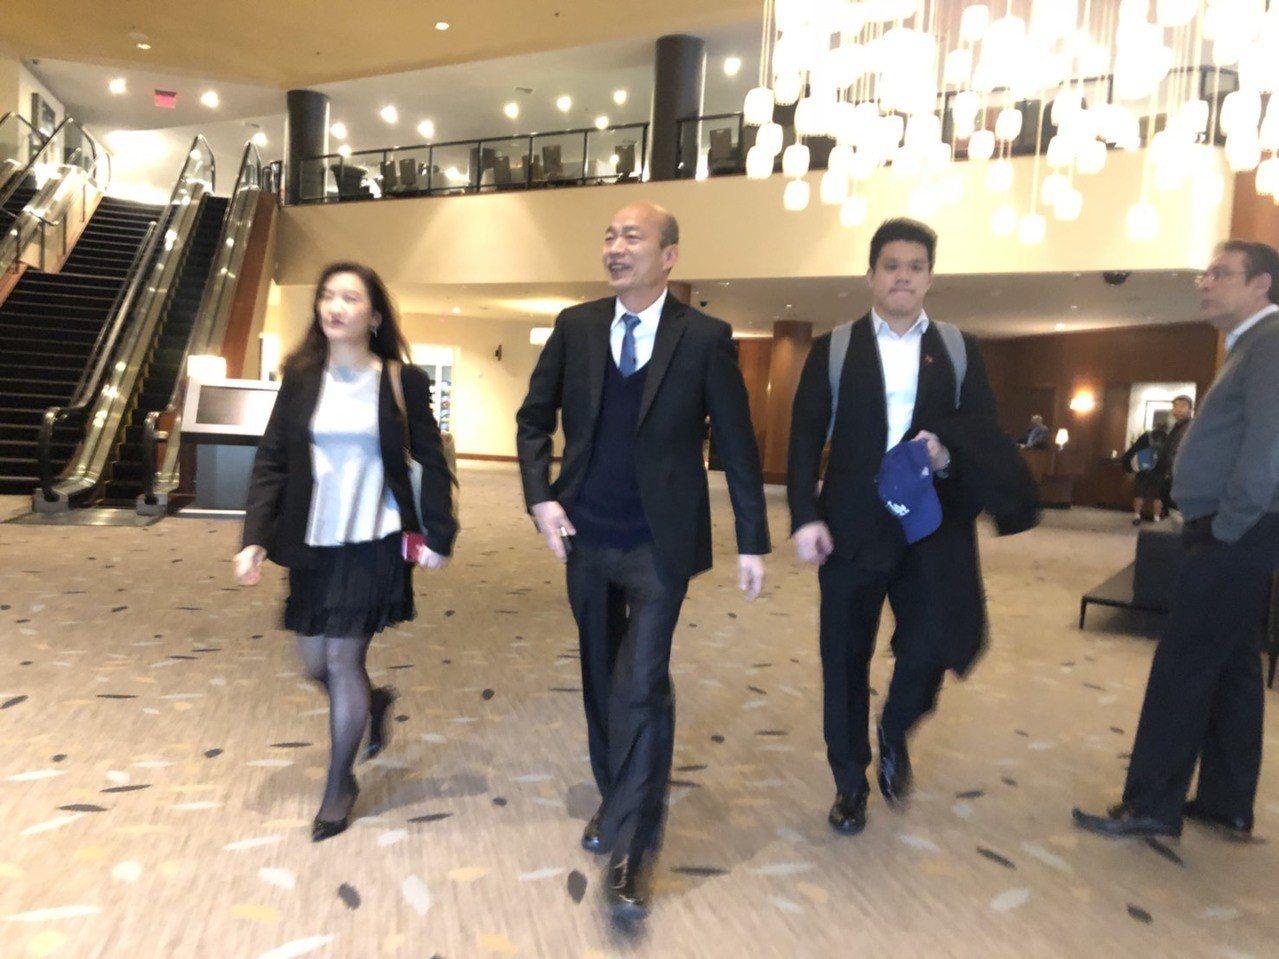 韓國瑜赴史丹福大學與學生座談、演講,報告台灣民主政治的發展。記者王慧瑛/攝影